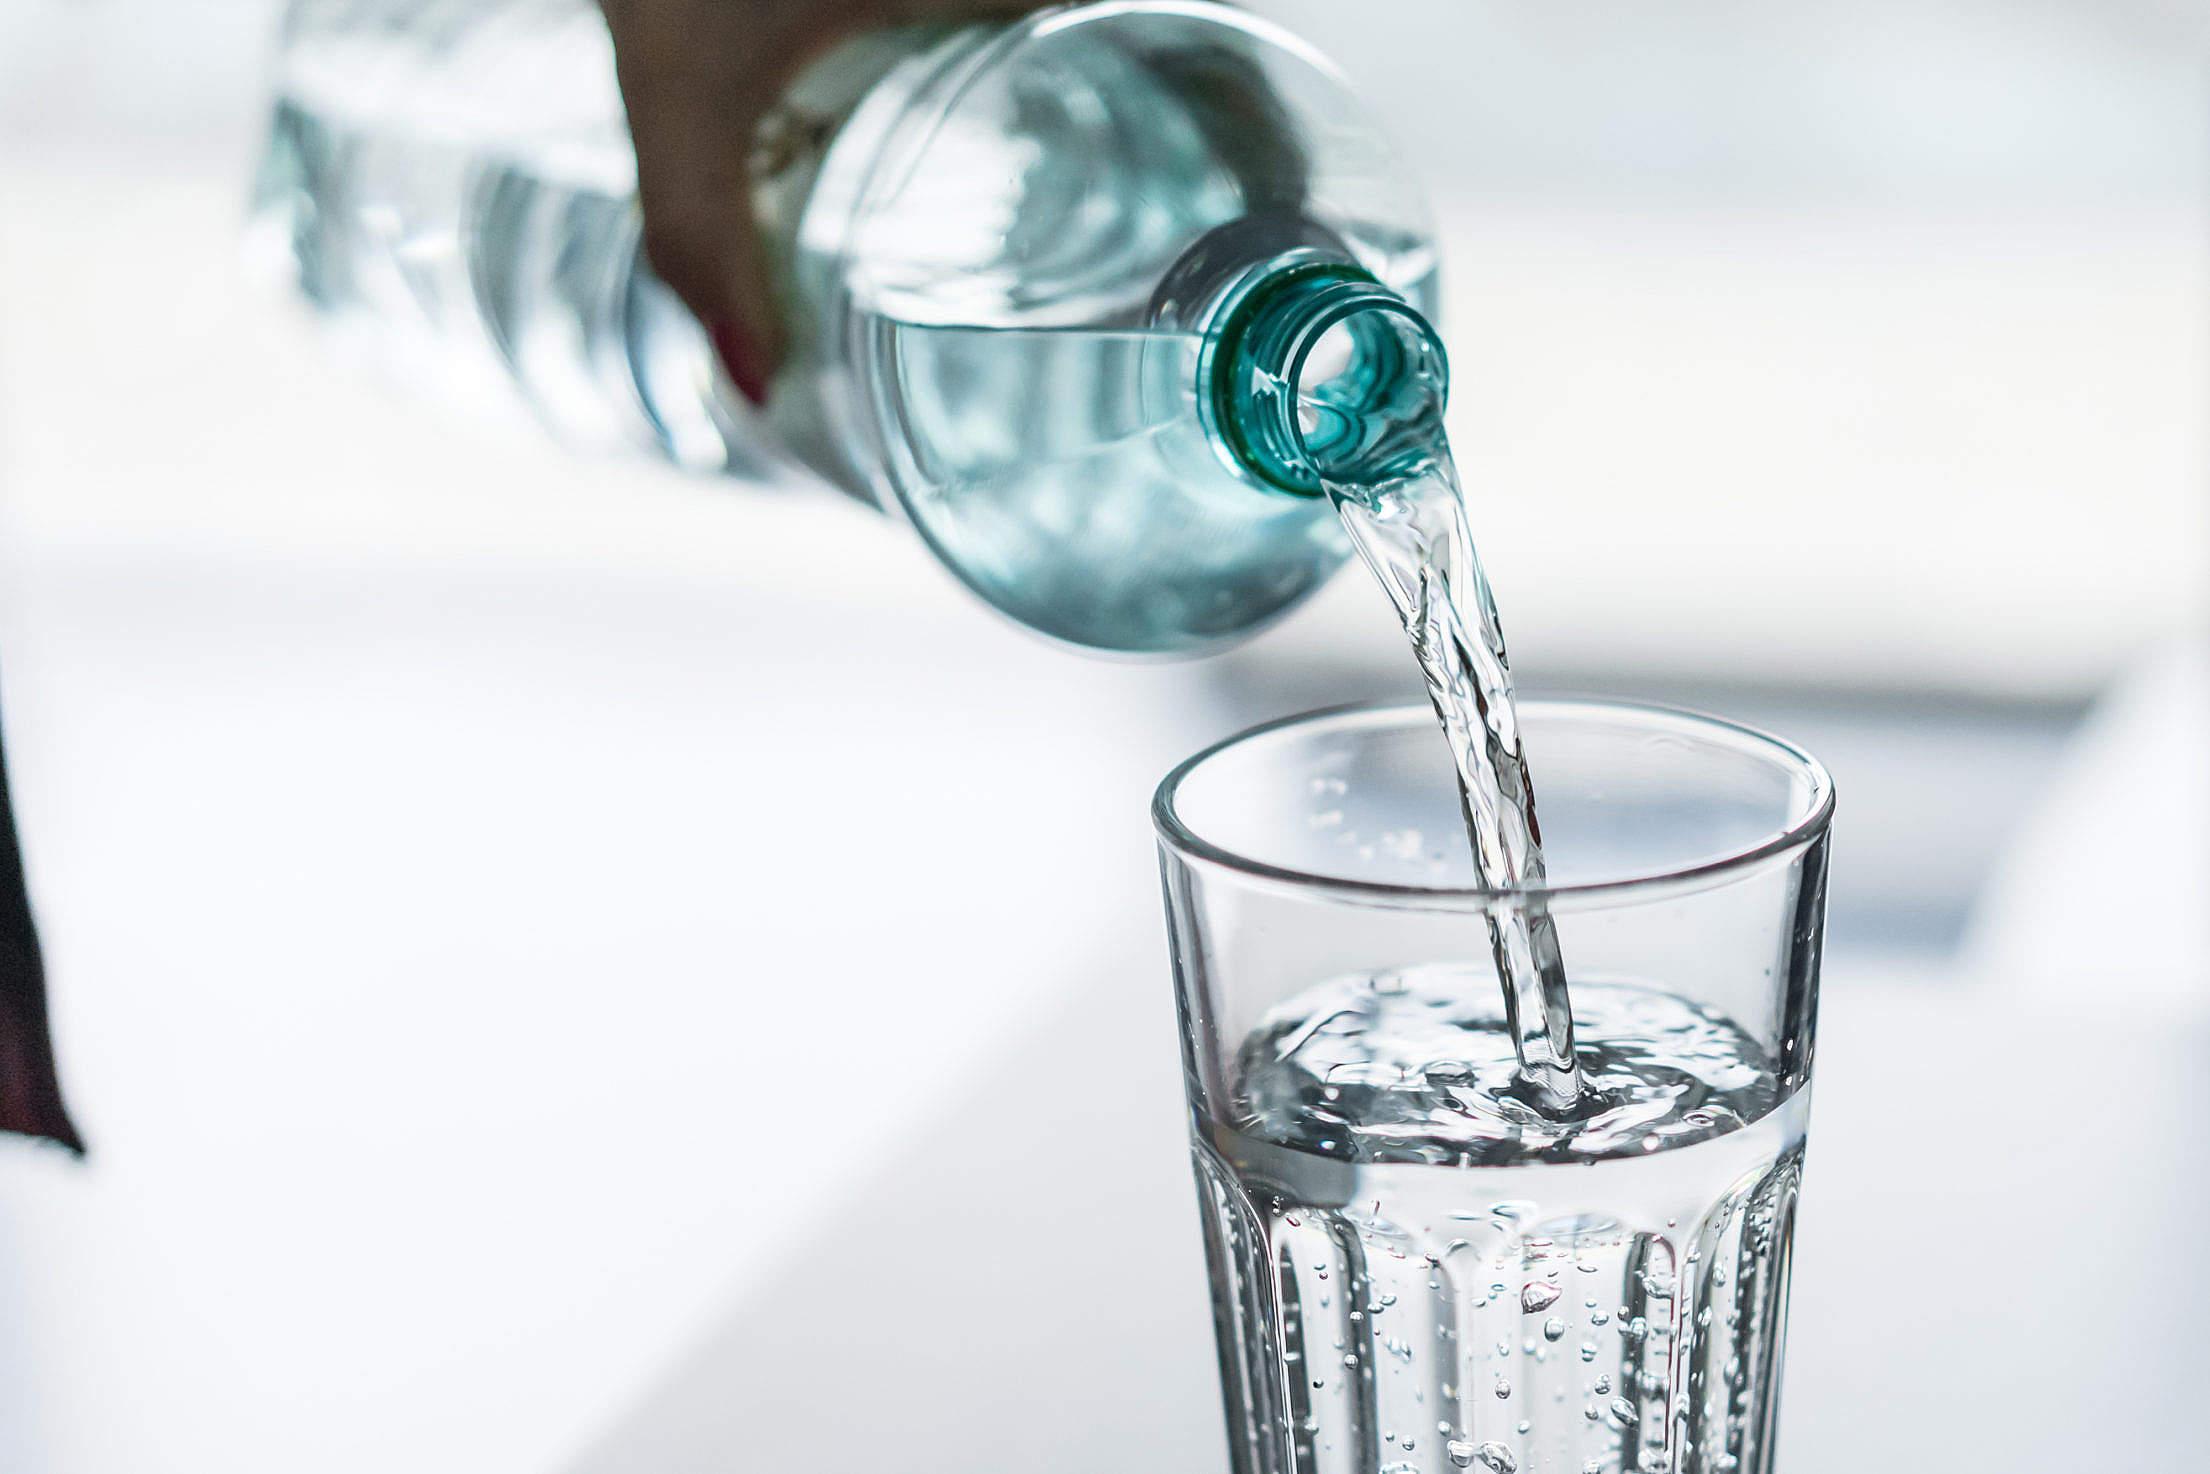 水放久了还可以饮用吗?